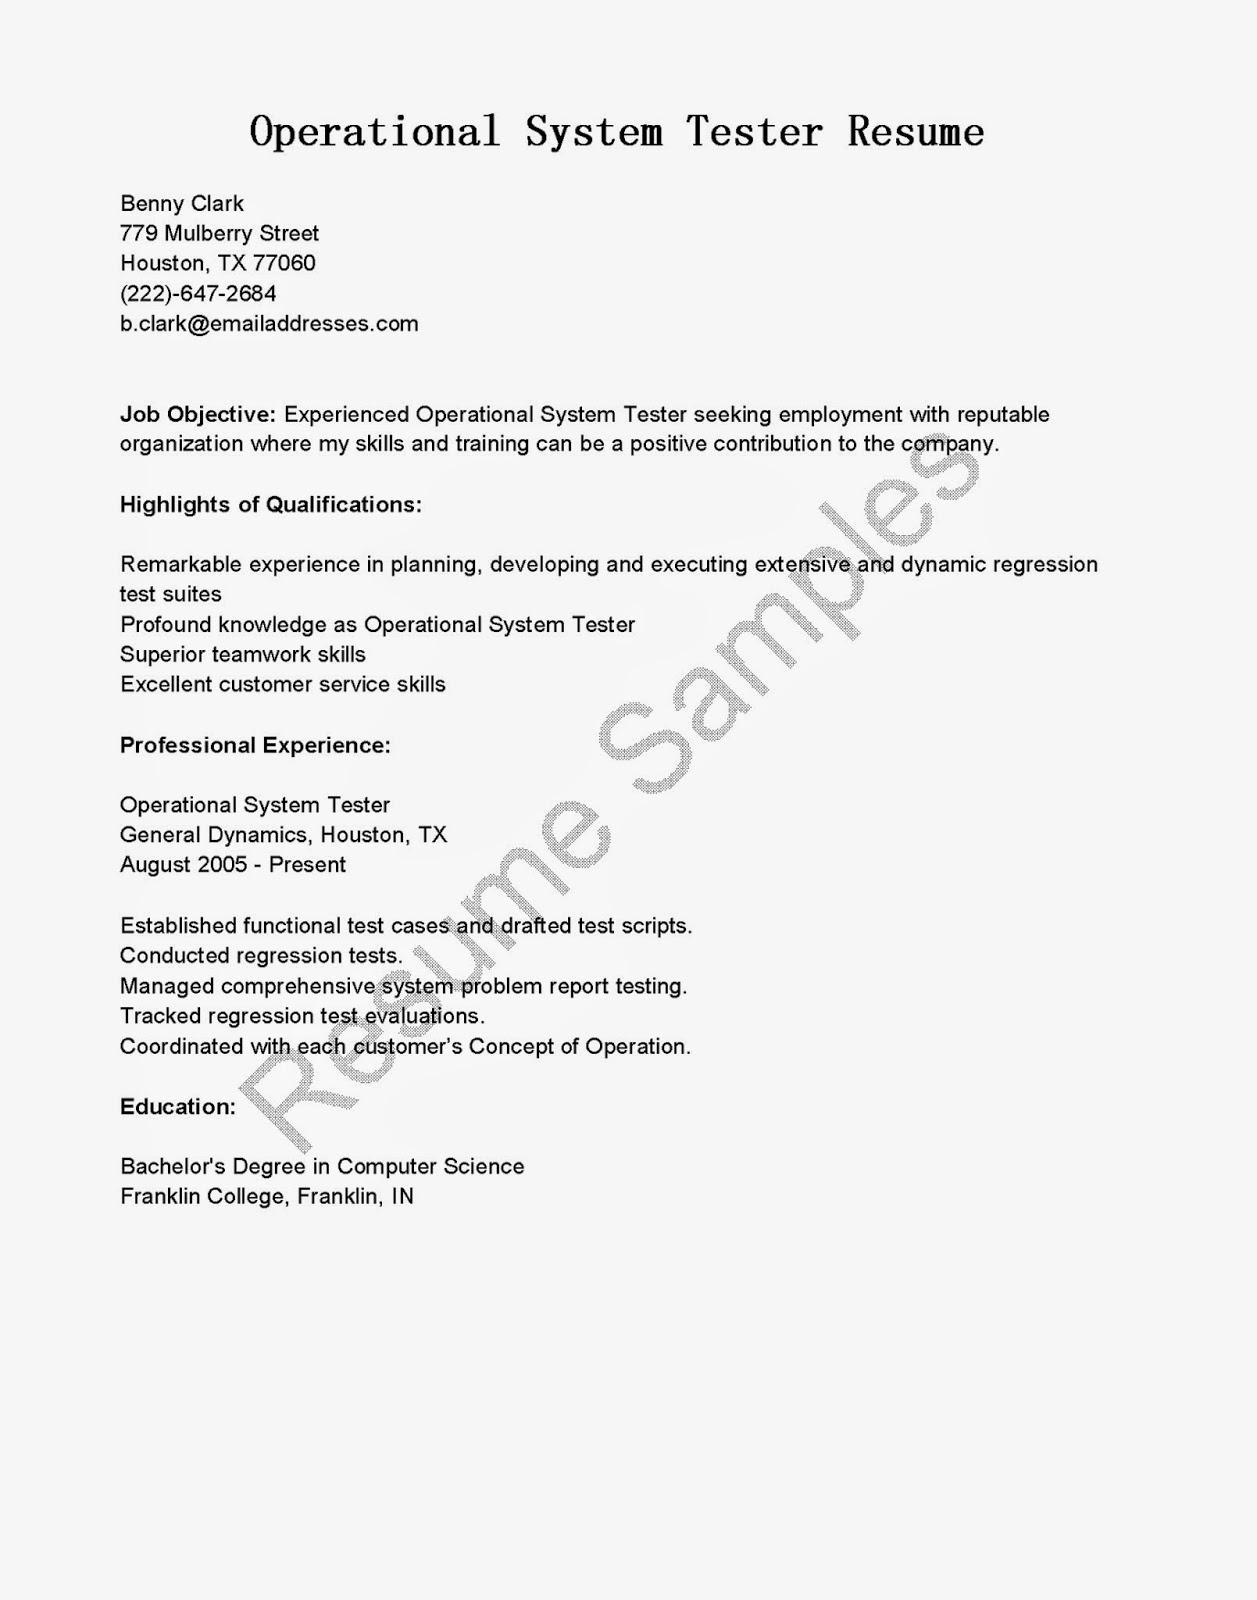 integer programming optimization tester sample resume ups field operational2bsystem2btester2bresume integer - Hydro Test Engineer Sample Resume